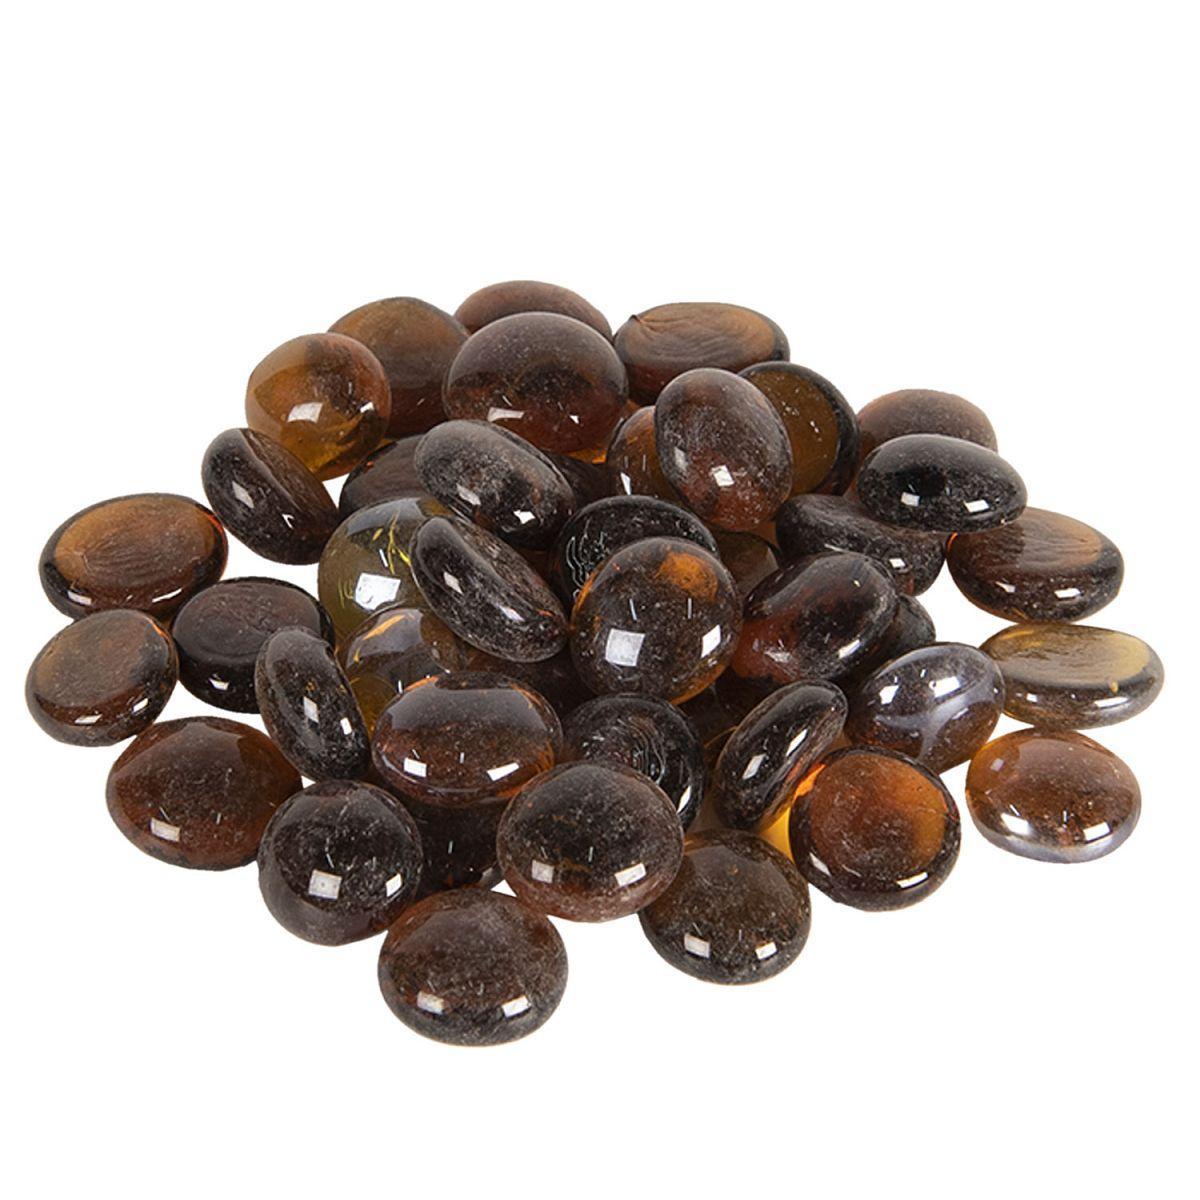 1- Dekorační skleněné kamínky hnědé